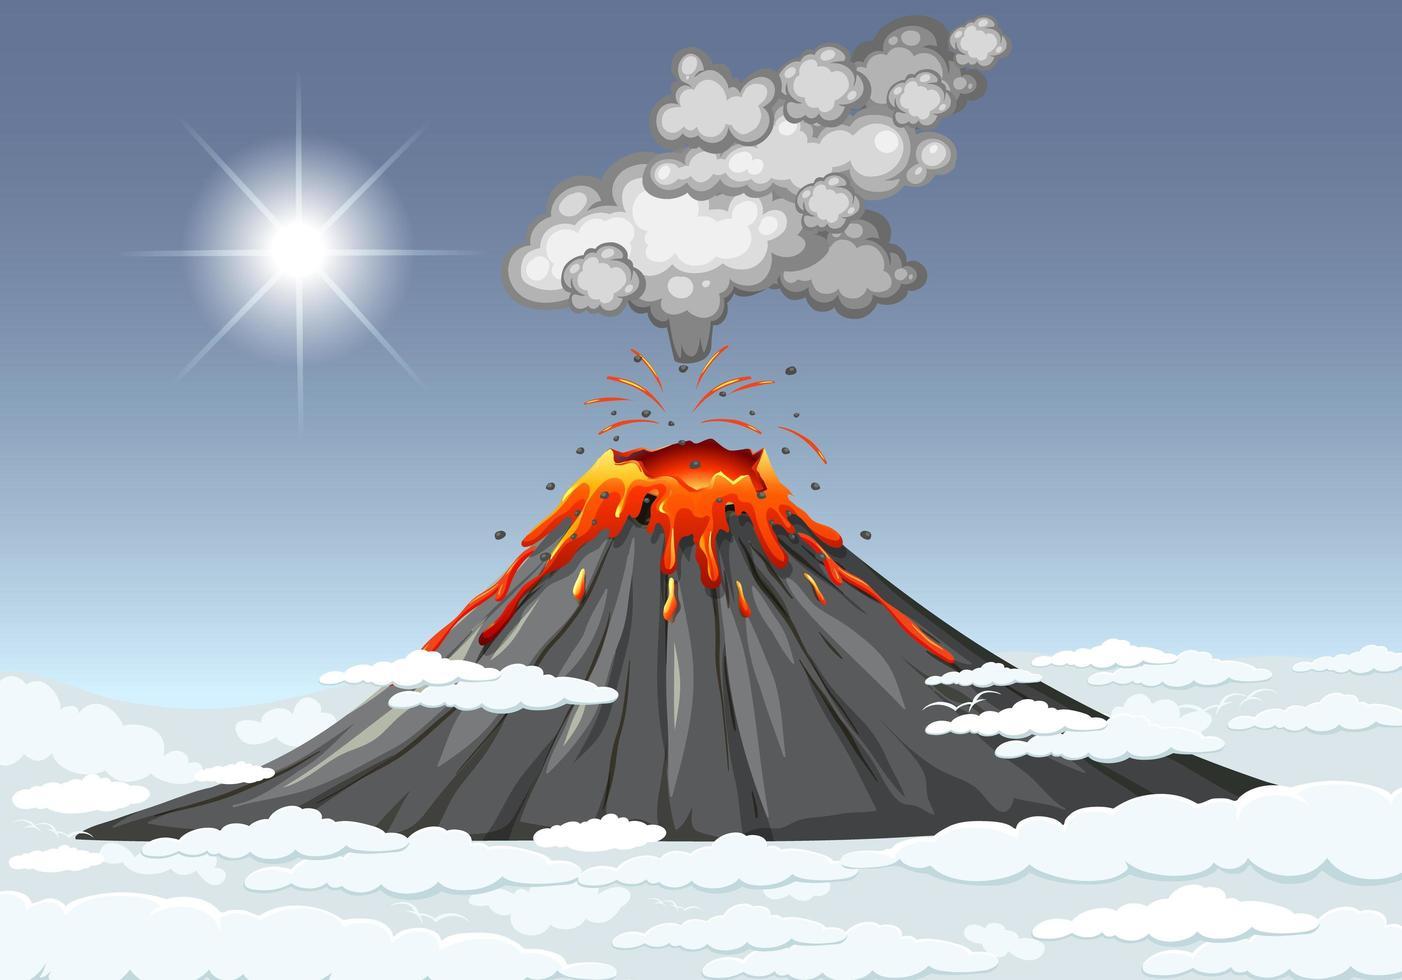 vulkaanuitbarsting in de lucht met wolken vector